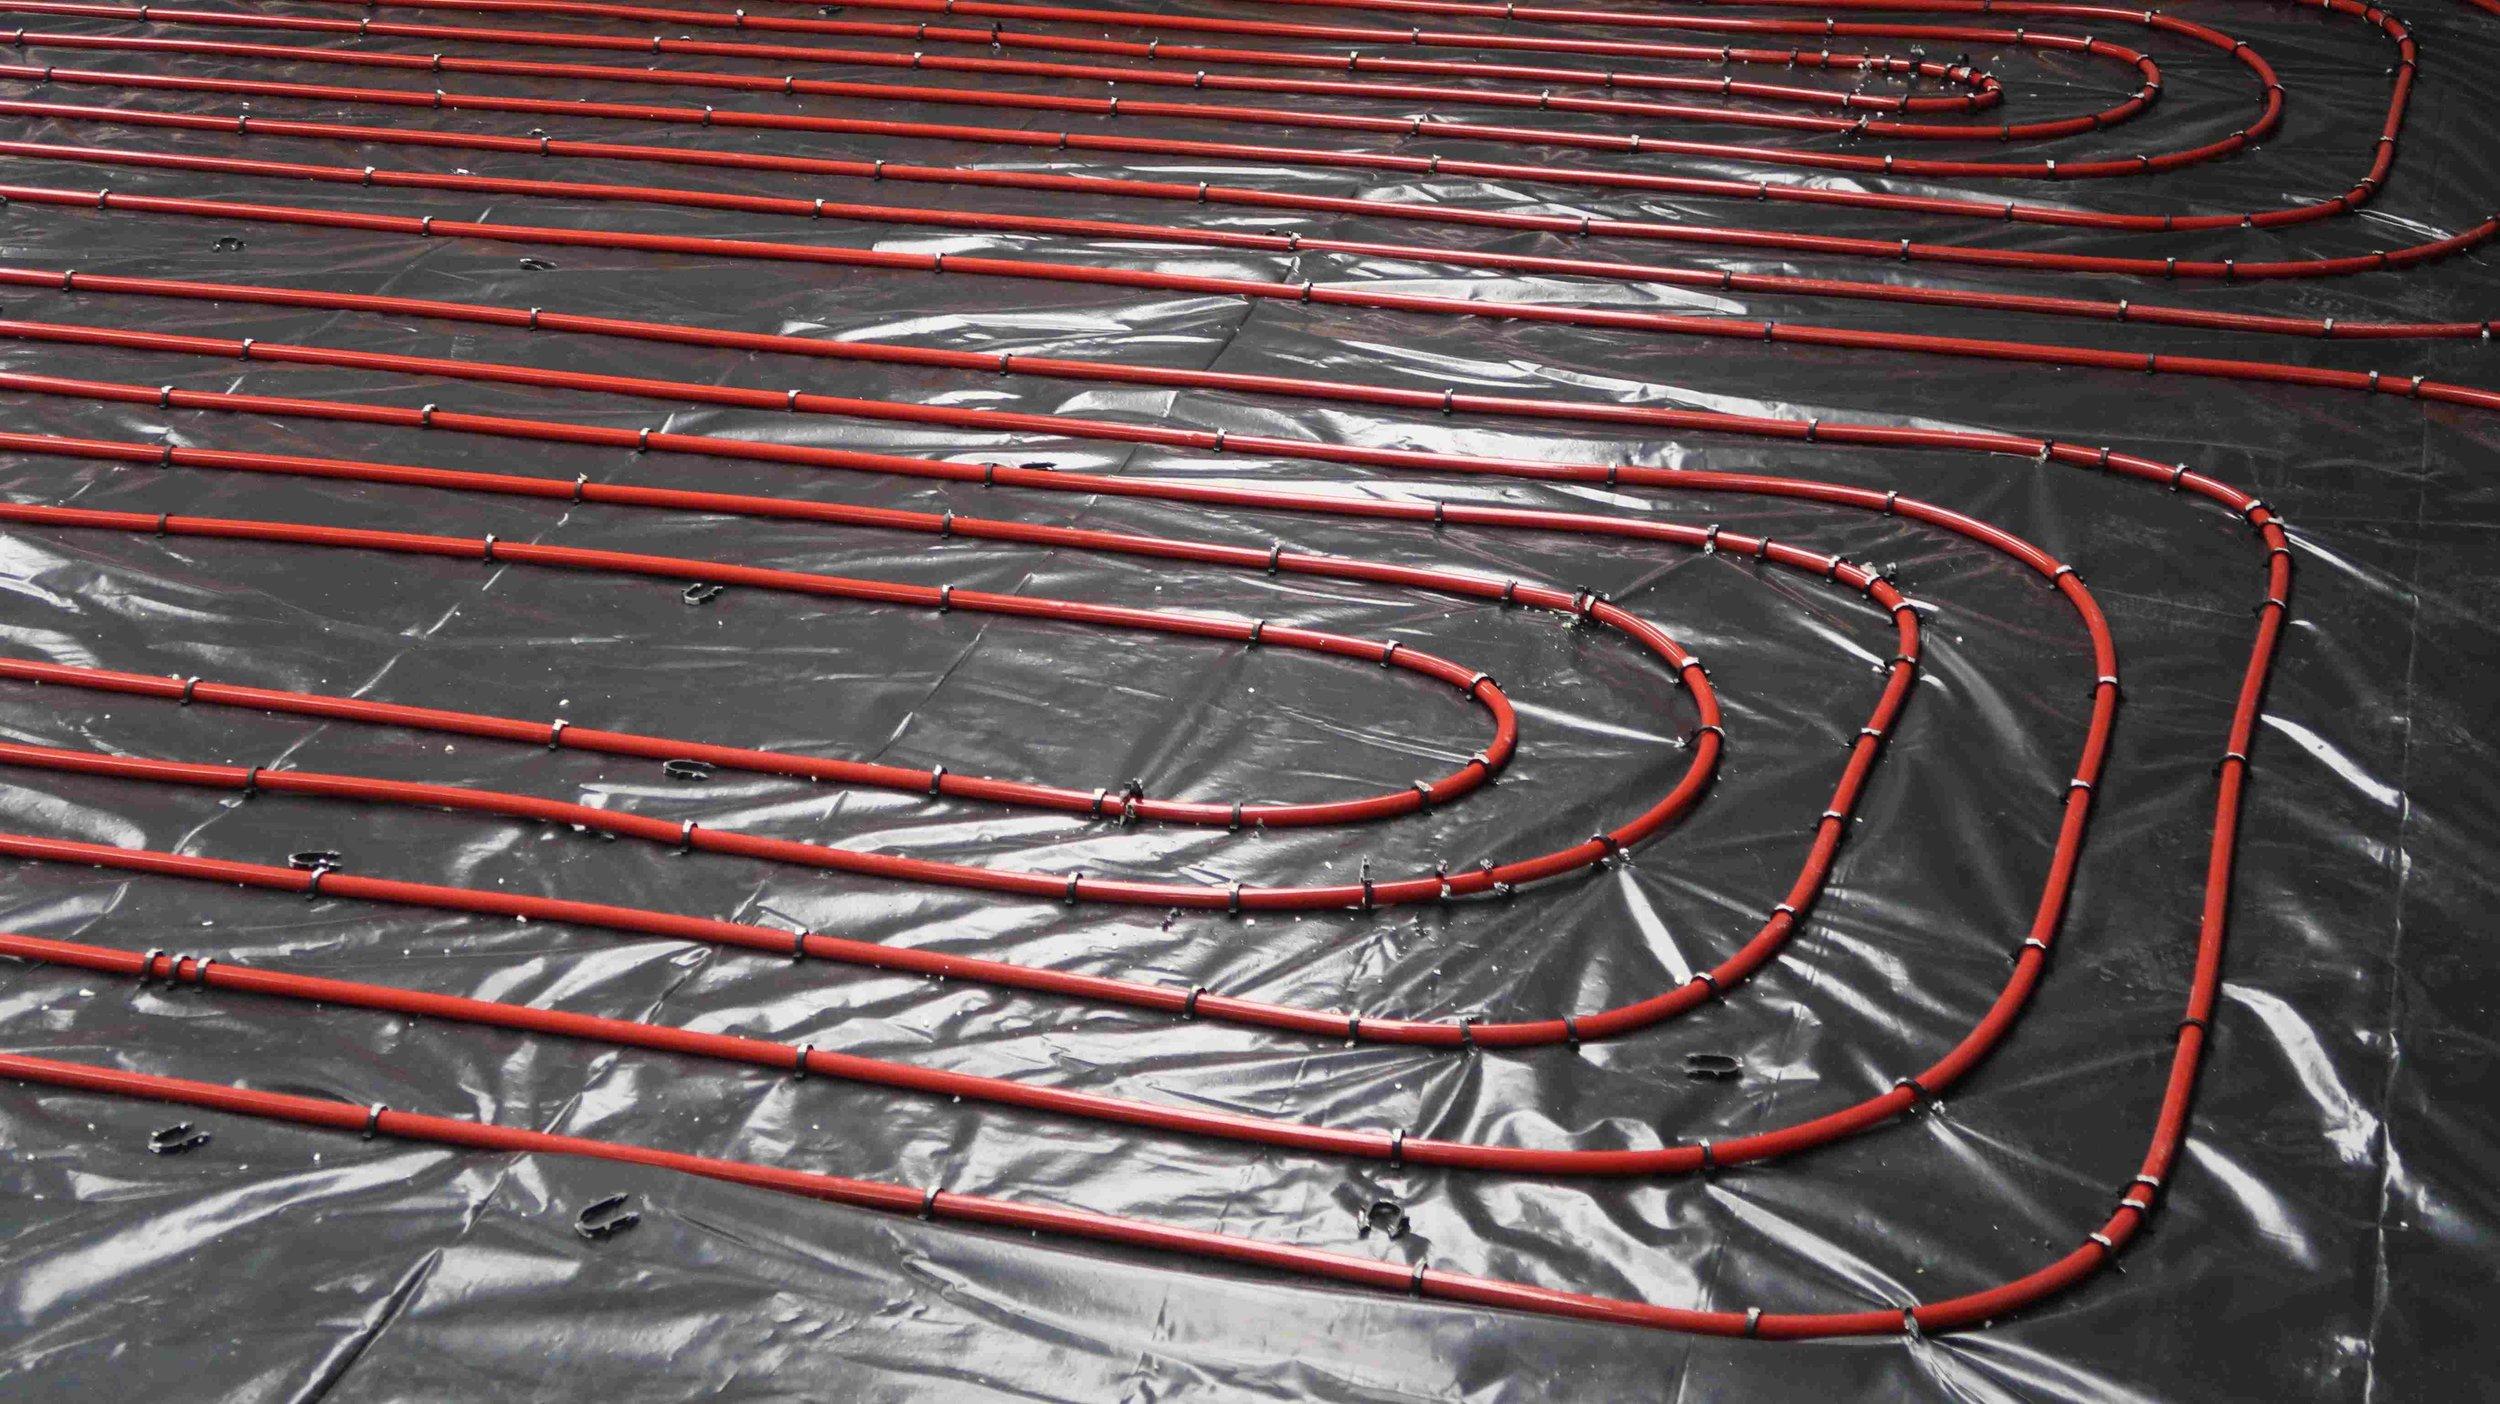 Stroud Brewery underfloor heating